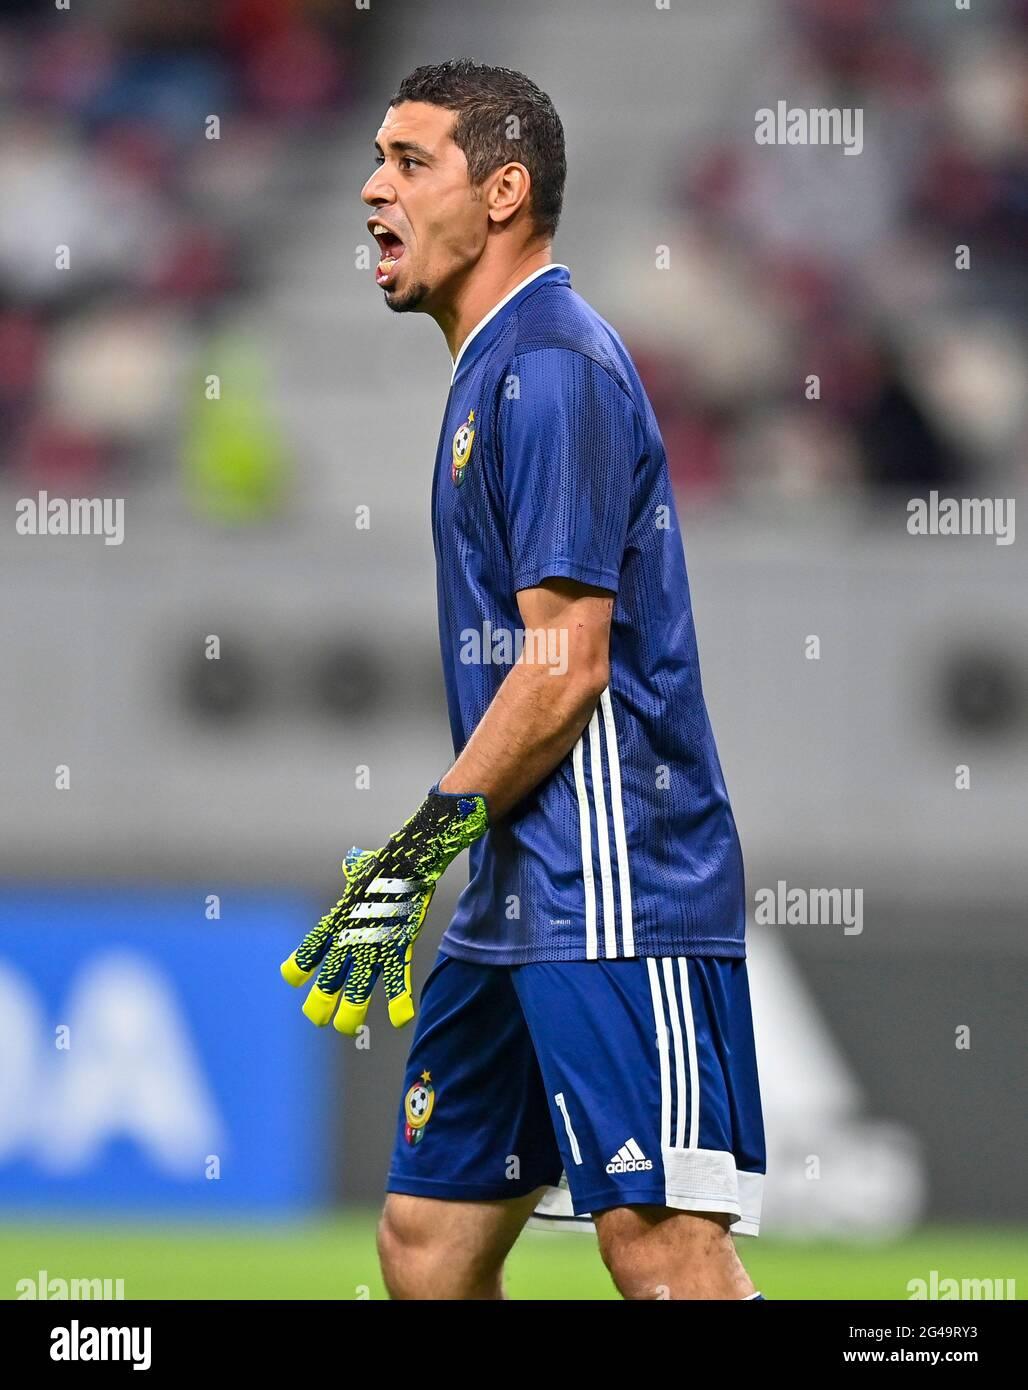 Doha, Qatar. 19 juin 2021. Le gardien de but libyen Mohamed Nashnush réagit lors de la coupe arabe de la FIFA, match de qualification du Qatar 2021 à Doha, Qatar, le 19 juin 2021. Credit: Nikku /Xinhua/Alay Live News Banque D'Images